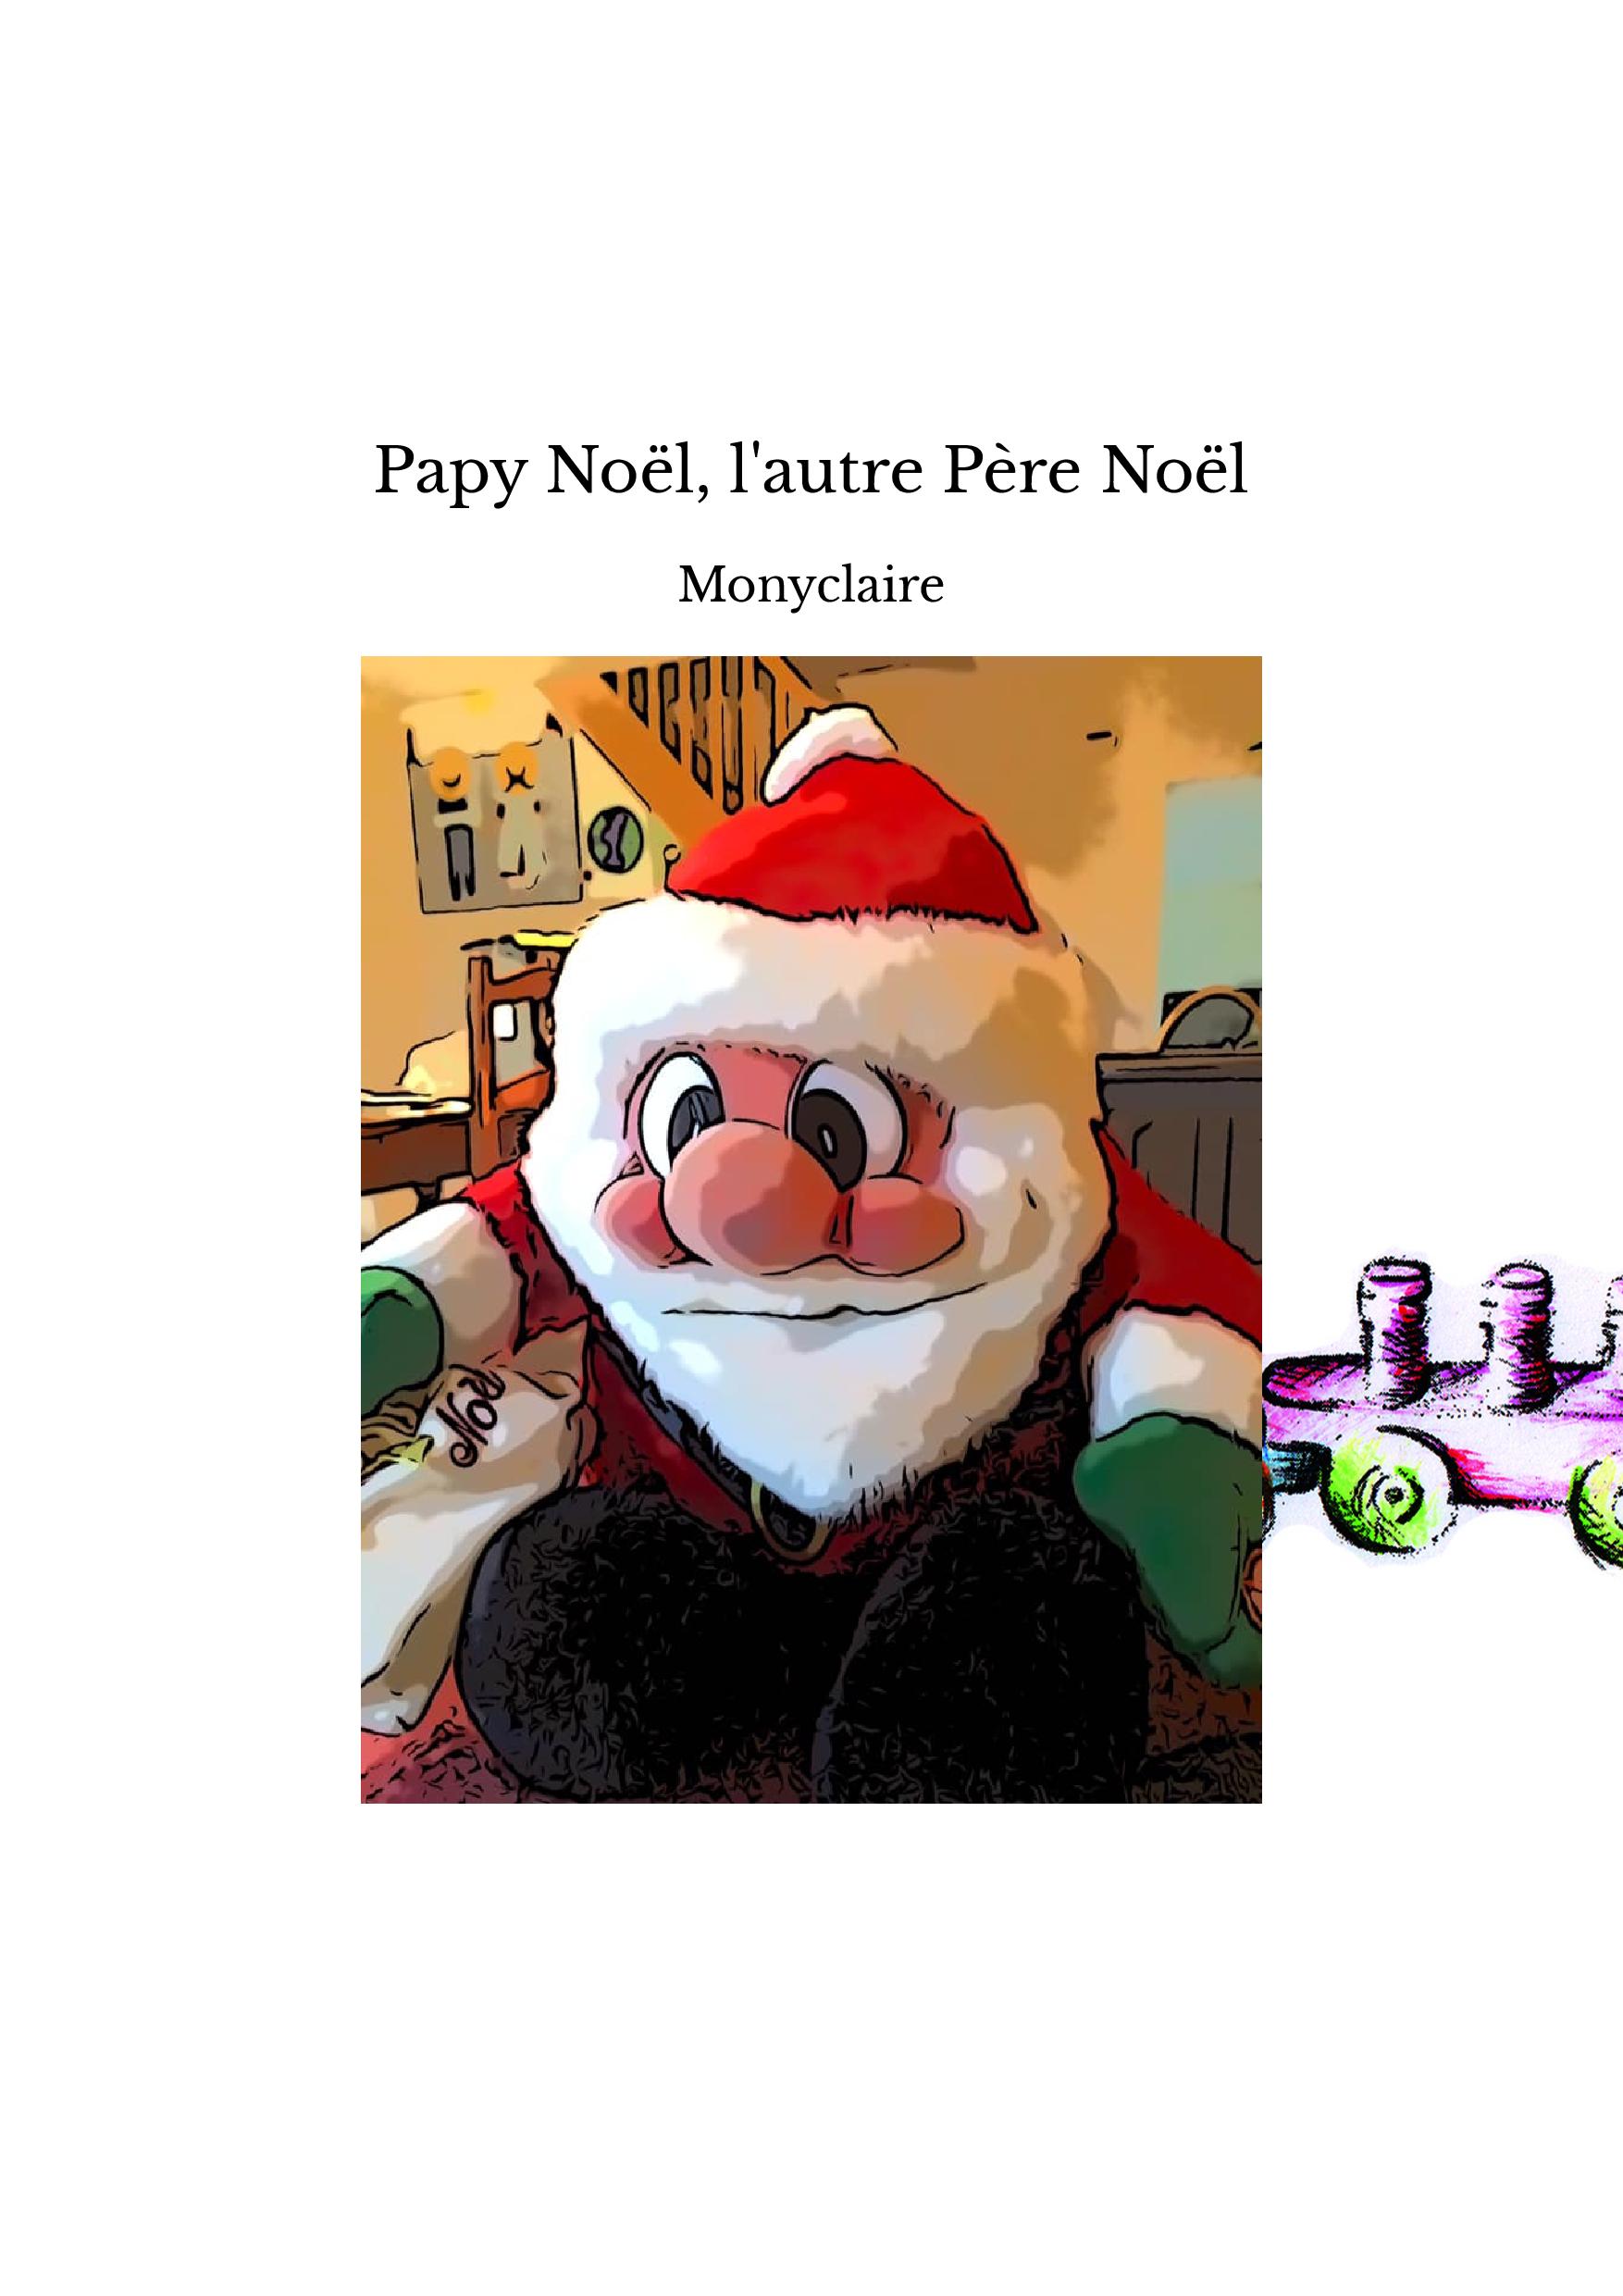 Papy Noël, l'autre Père Noël